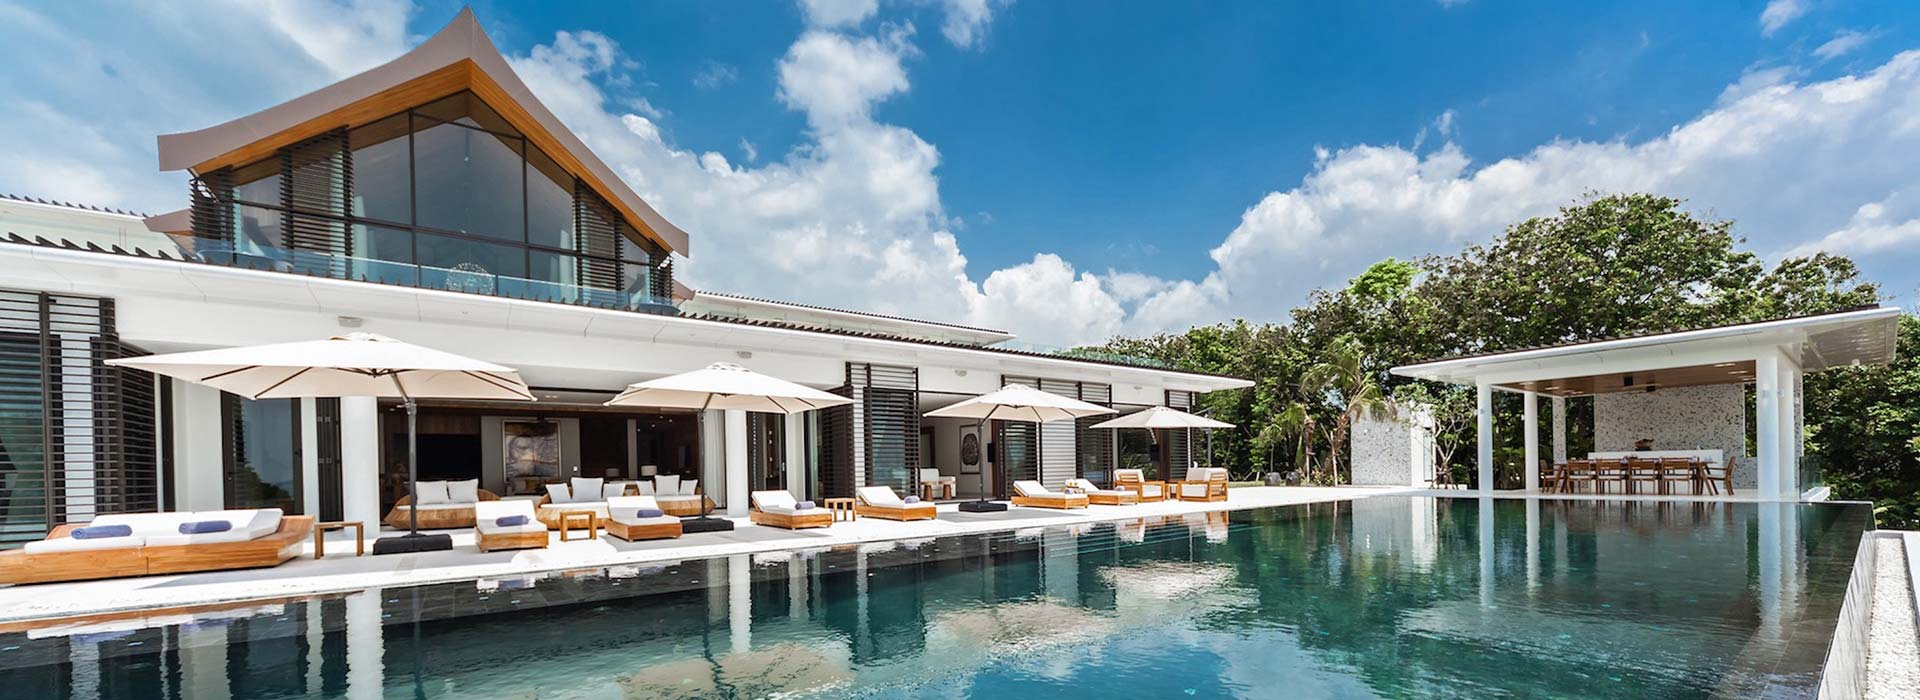 Villa Amarapura<br>with private pool